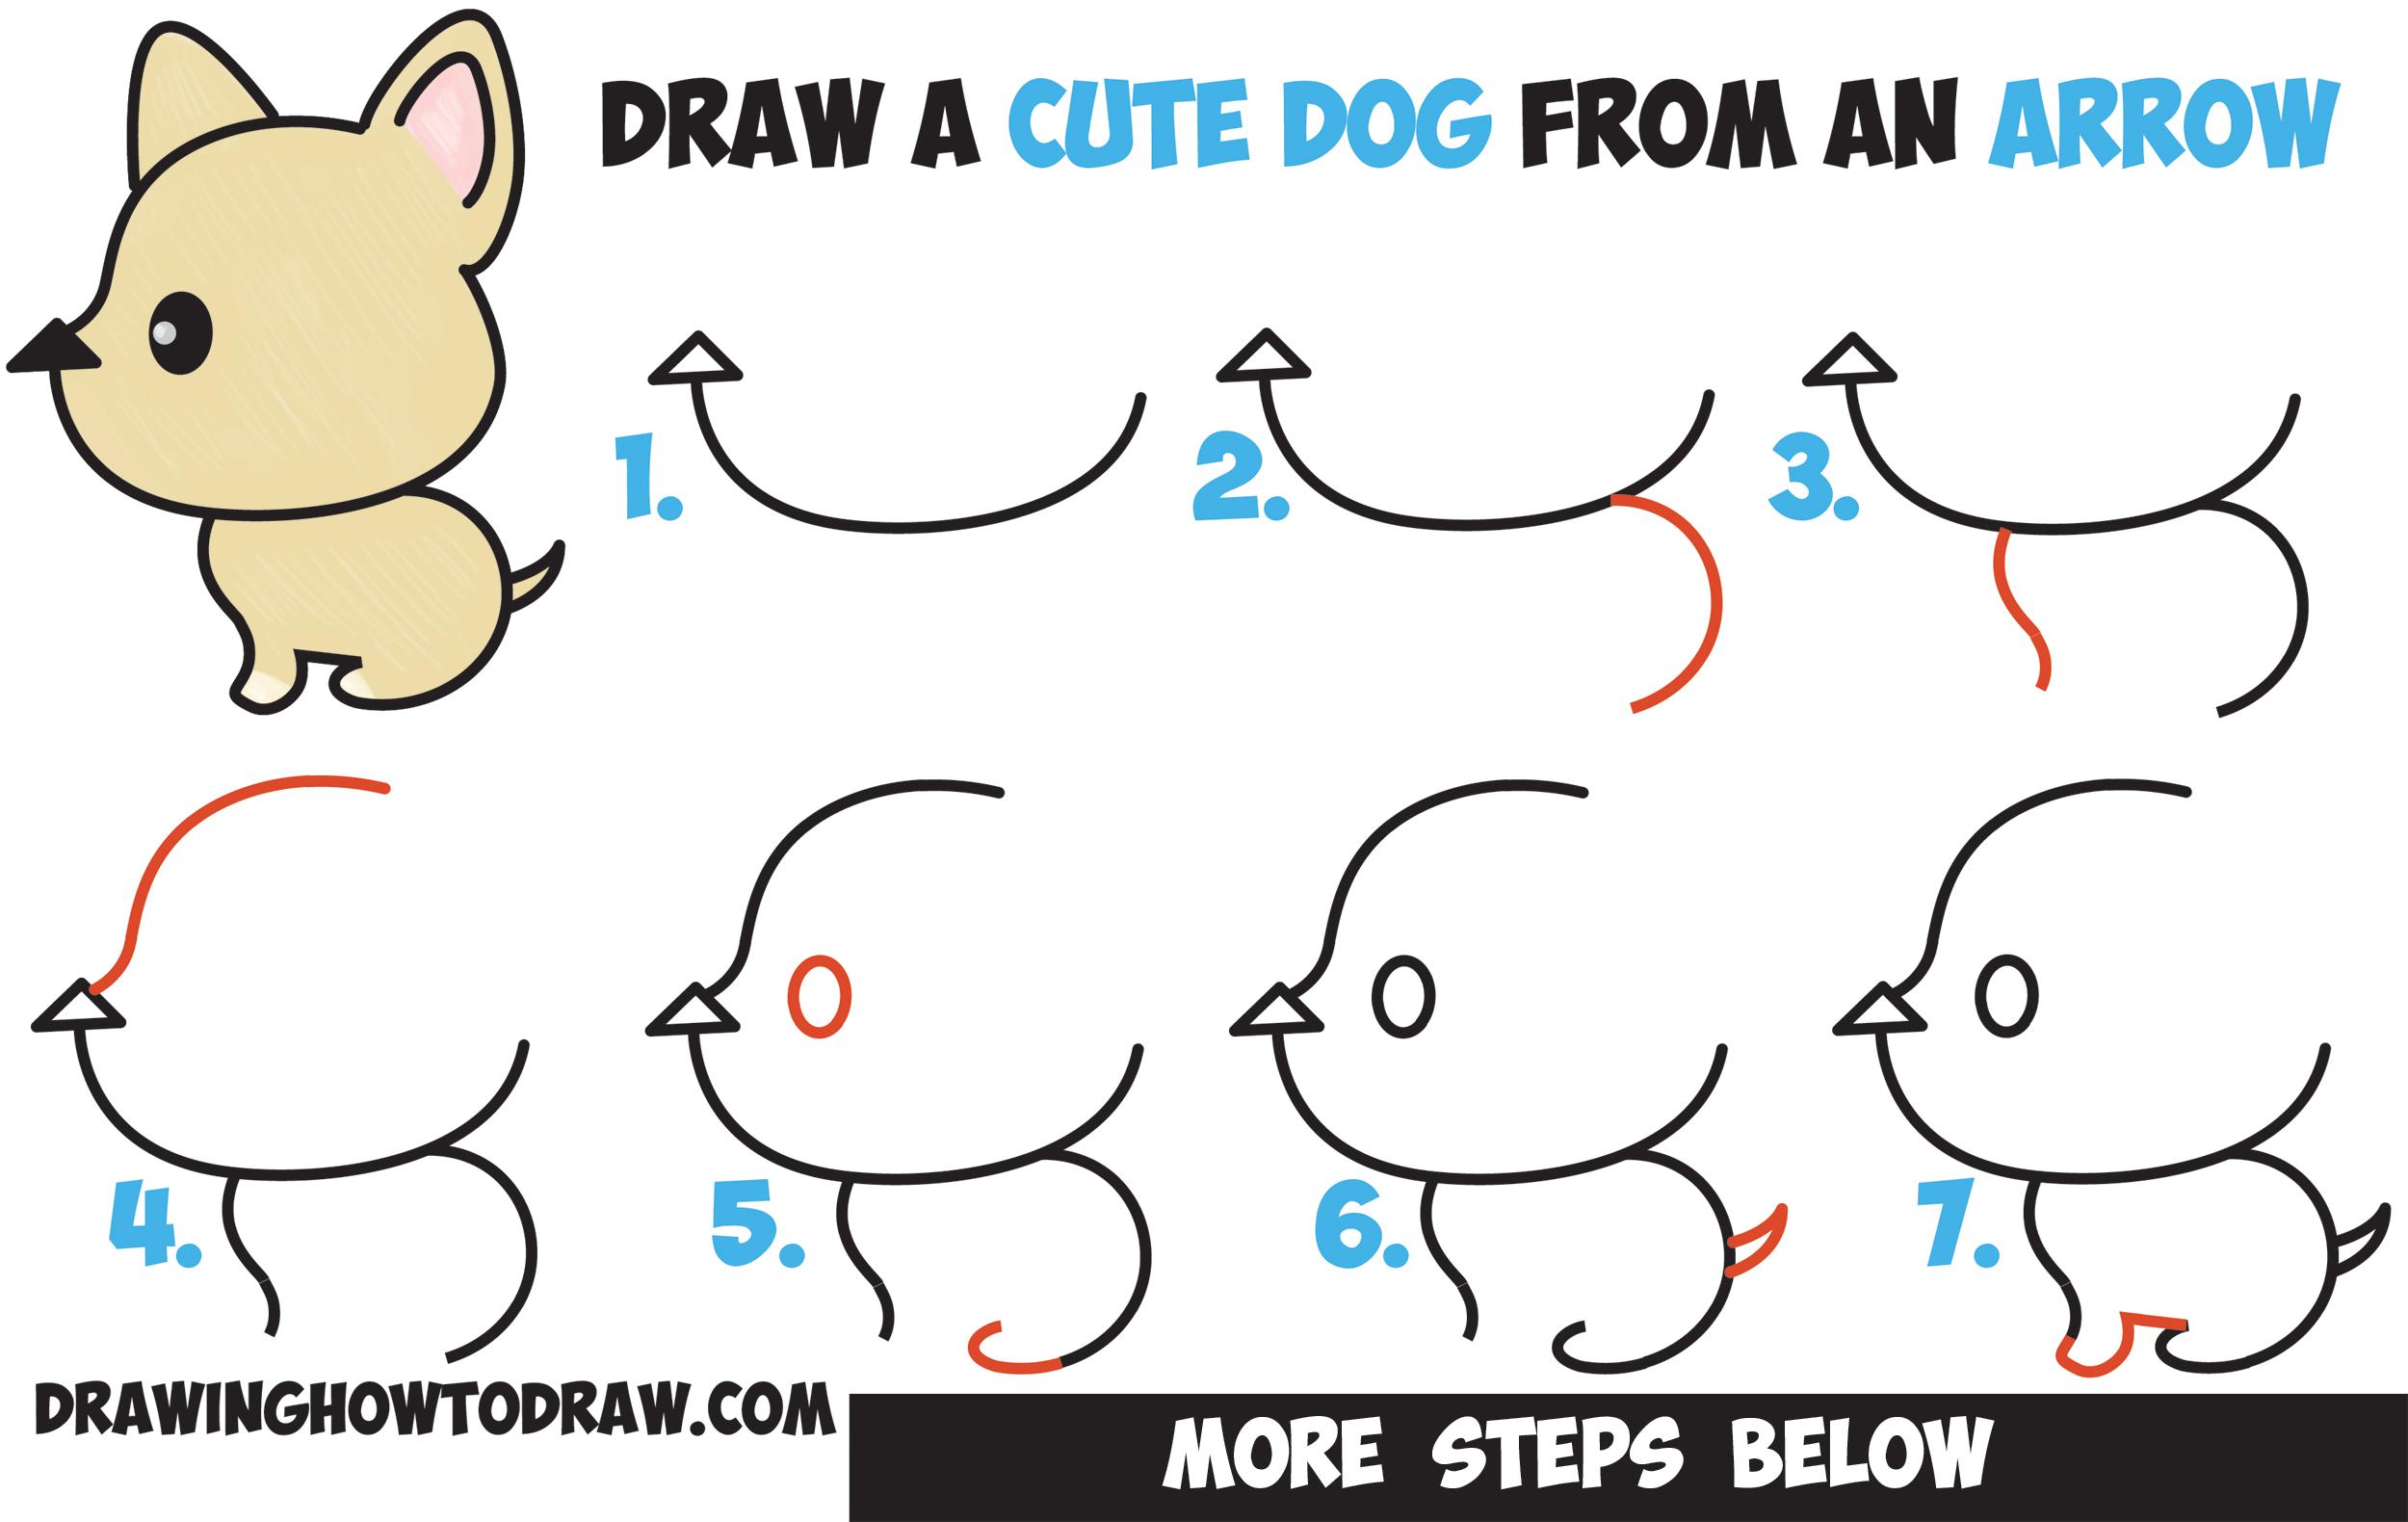 2500x1580 How To Draw A Cute Cartoon Dog (Kawaii Style) From An Arrow Easy